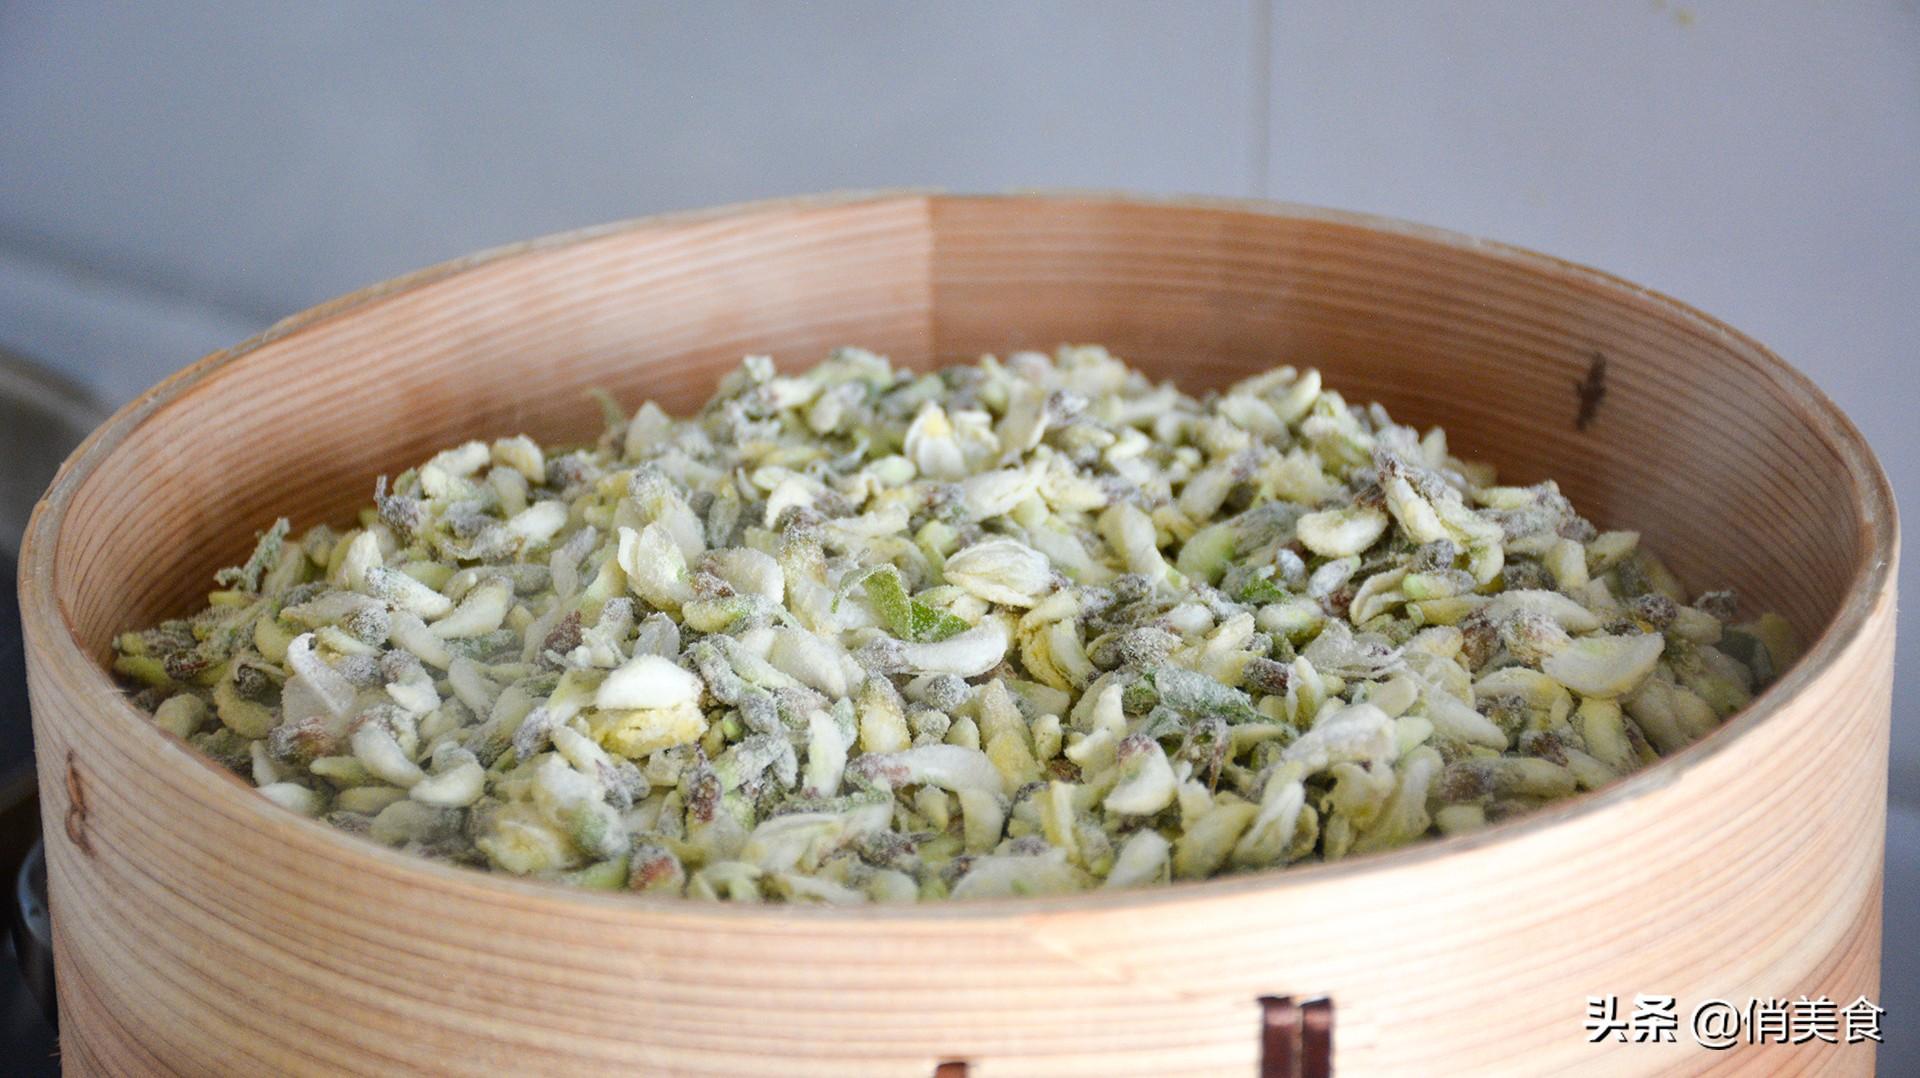 四月槐花香,清火又养颜,最美味的6款做法,一个比一个好吃 美食做法 第19张